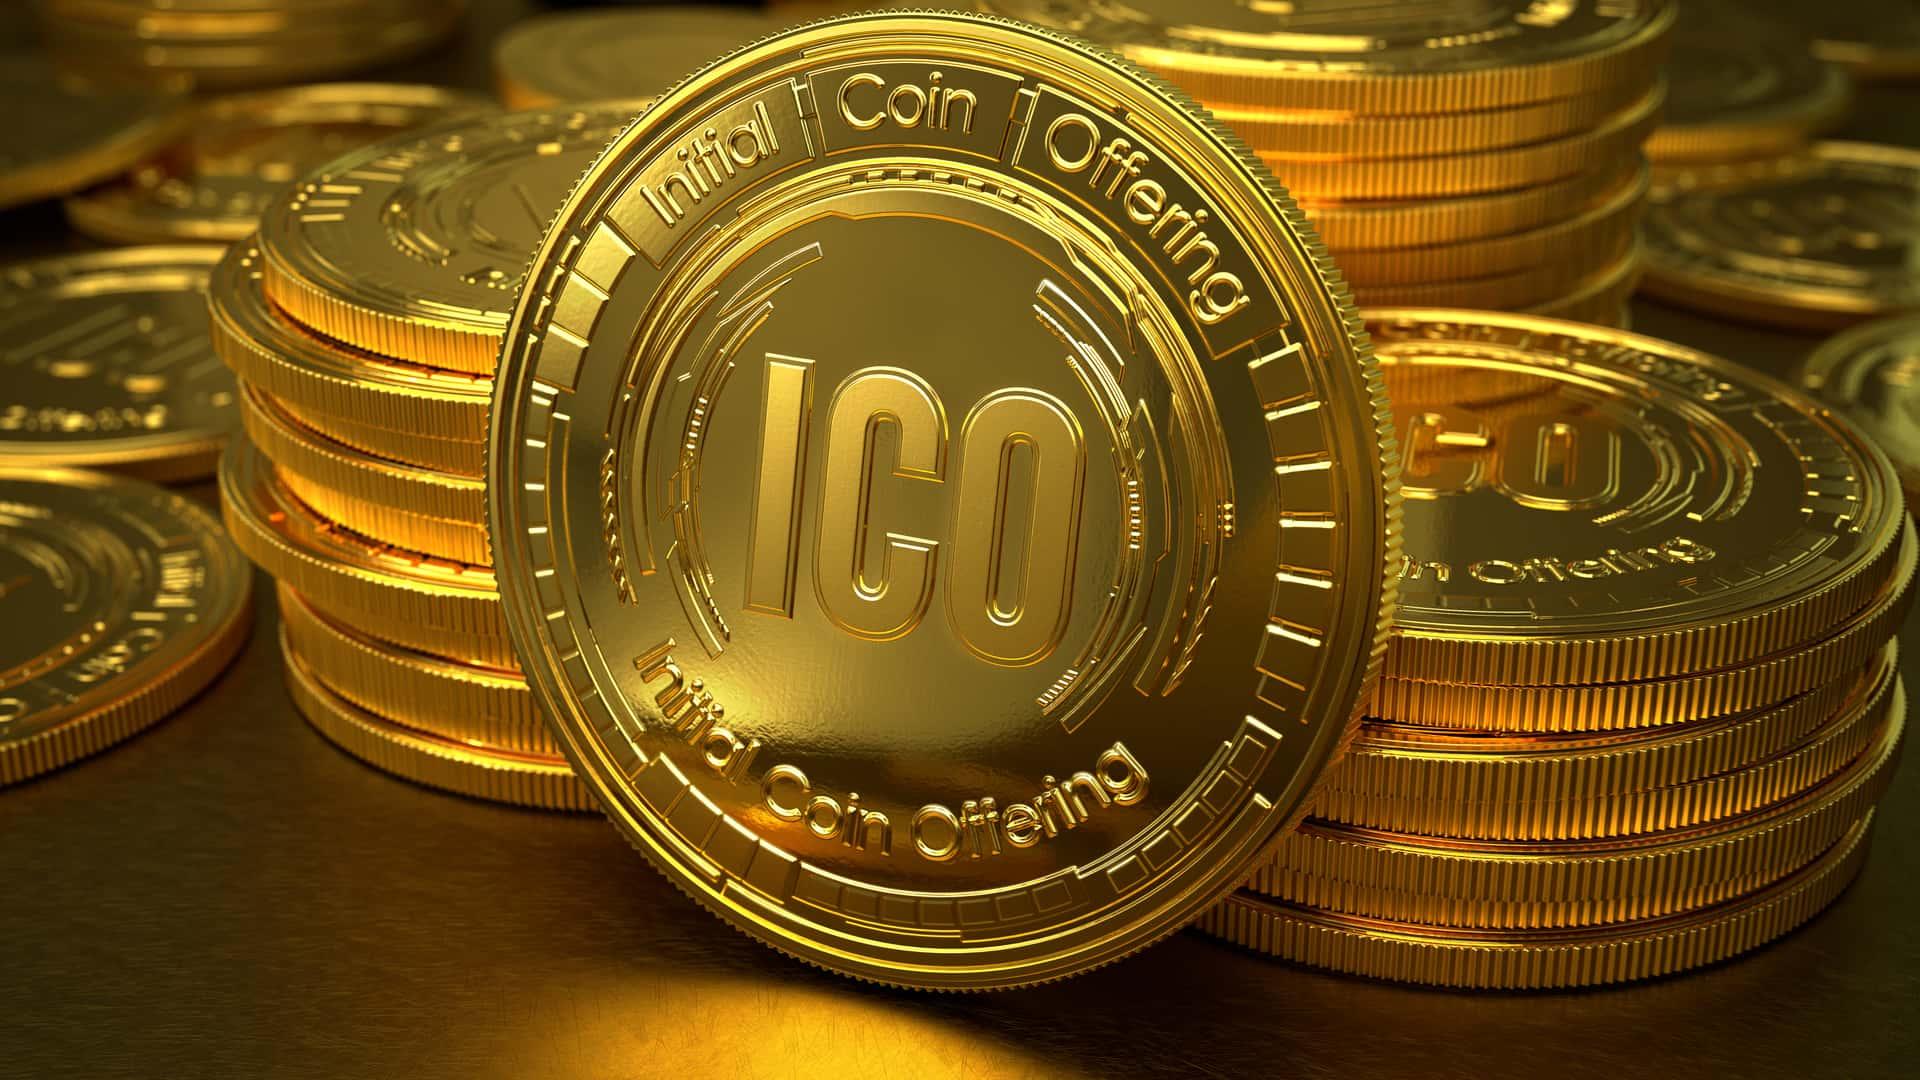 ICO Criptomonedas: qué son y por qué tienen tanta popularidad